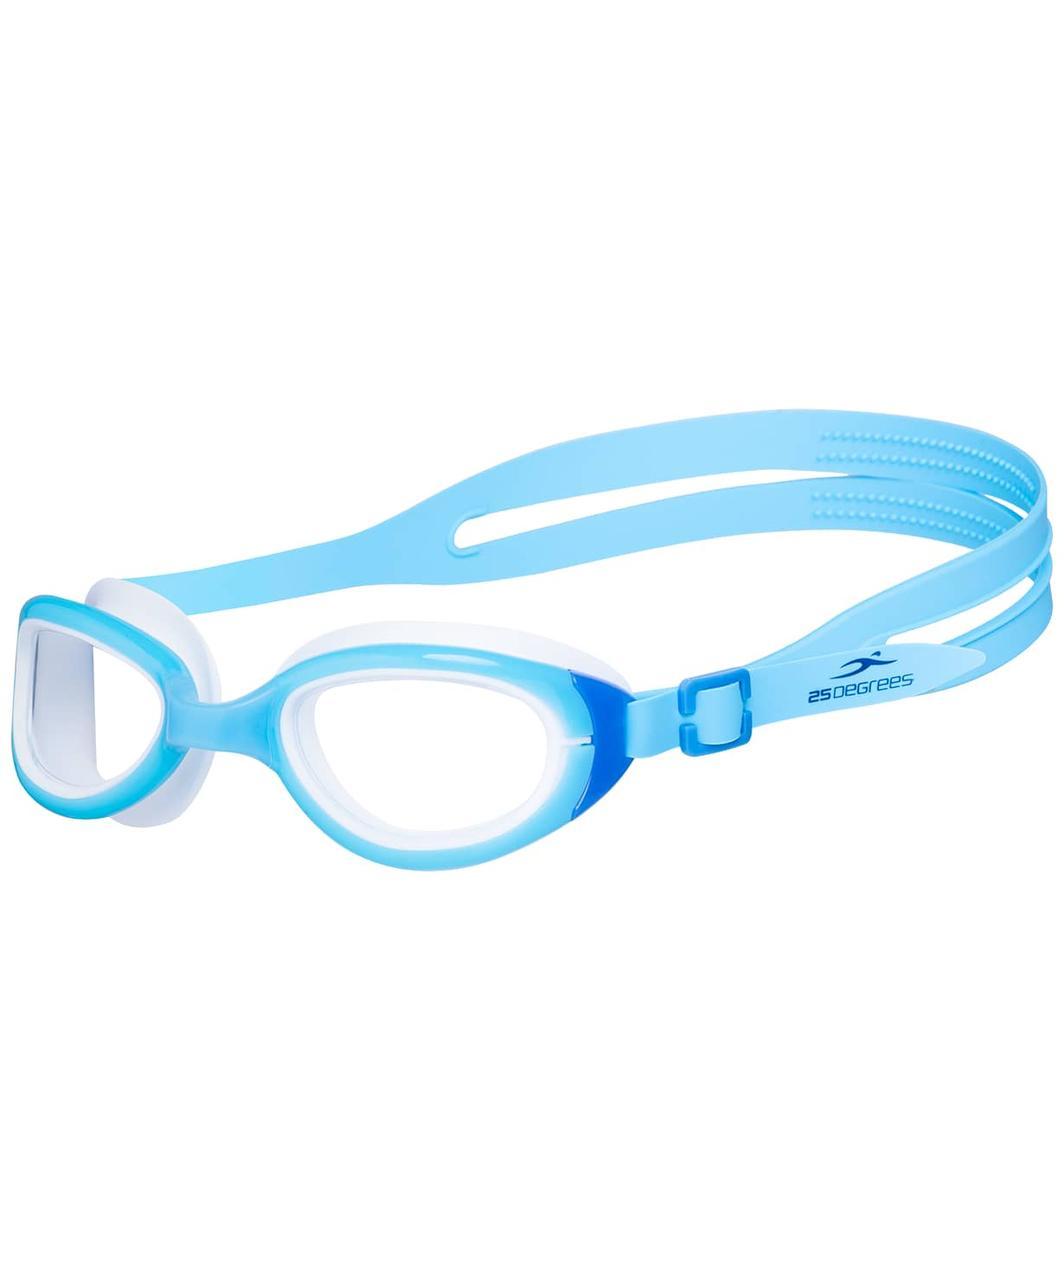 Очки для плавания Friggo Light Blue/White, подростковые 25Degrees